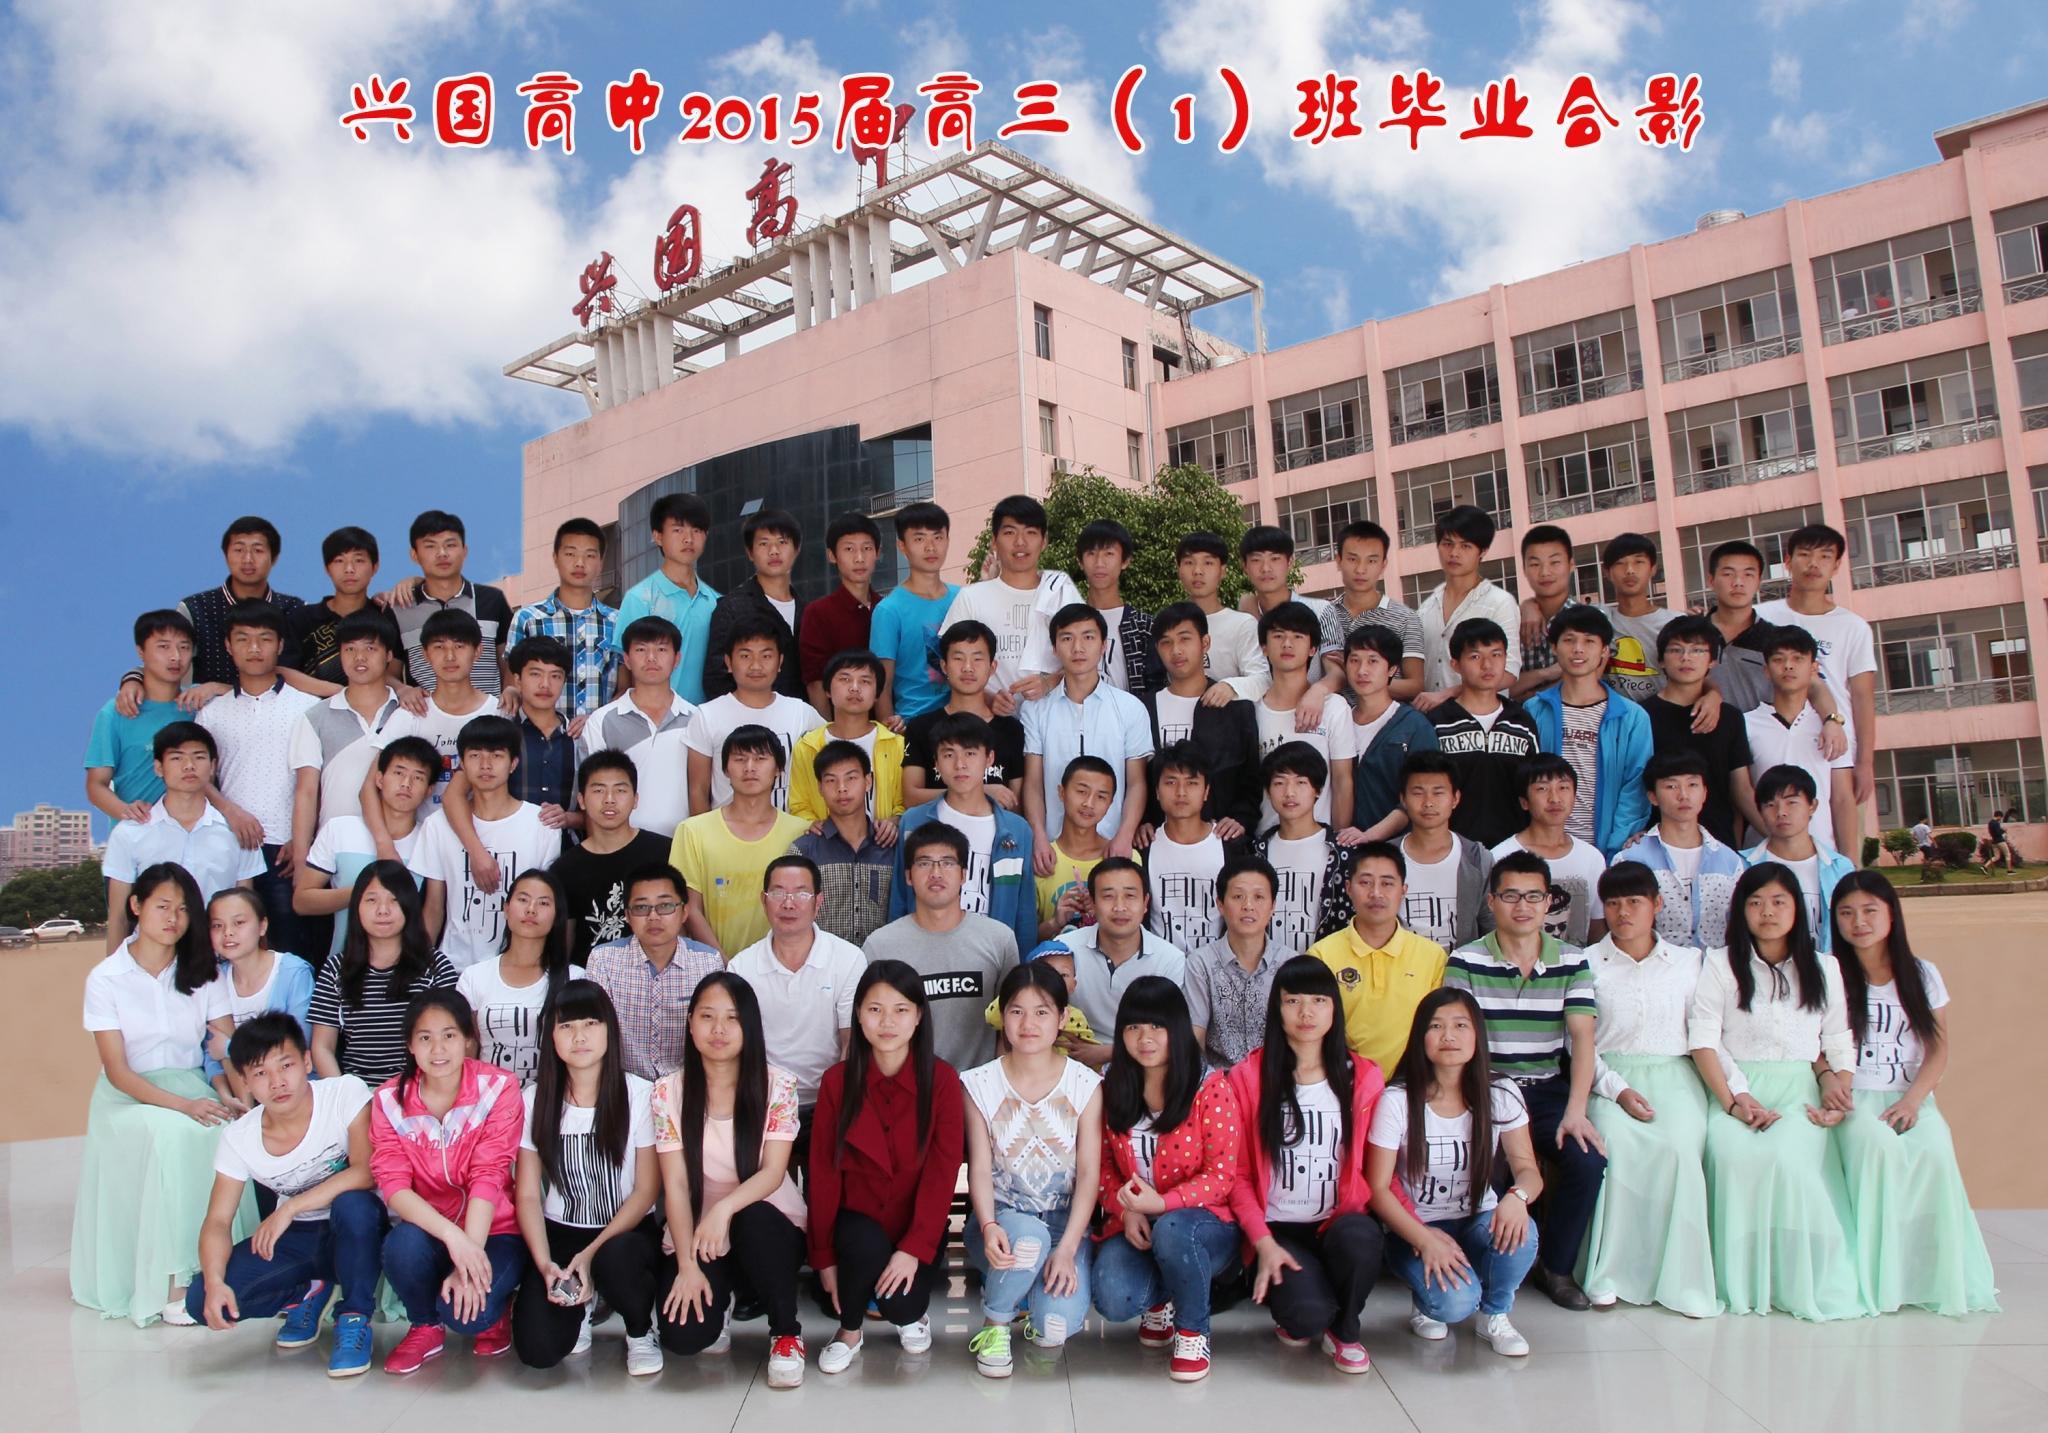 興國高中2015屆同學畢業相冊